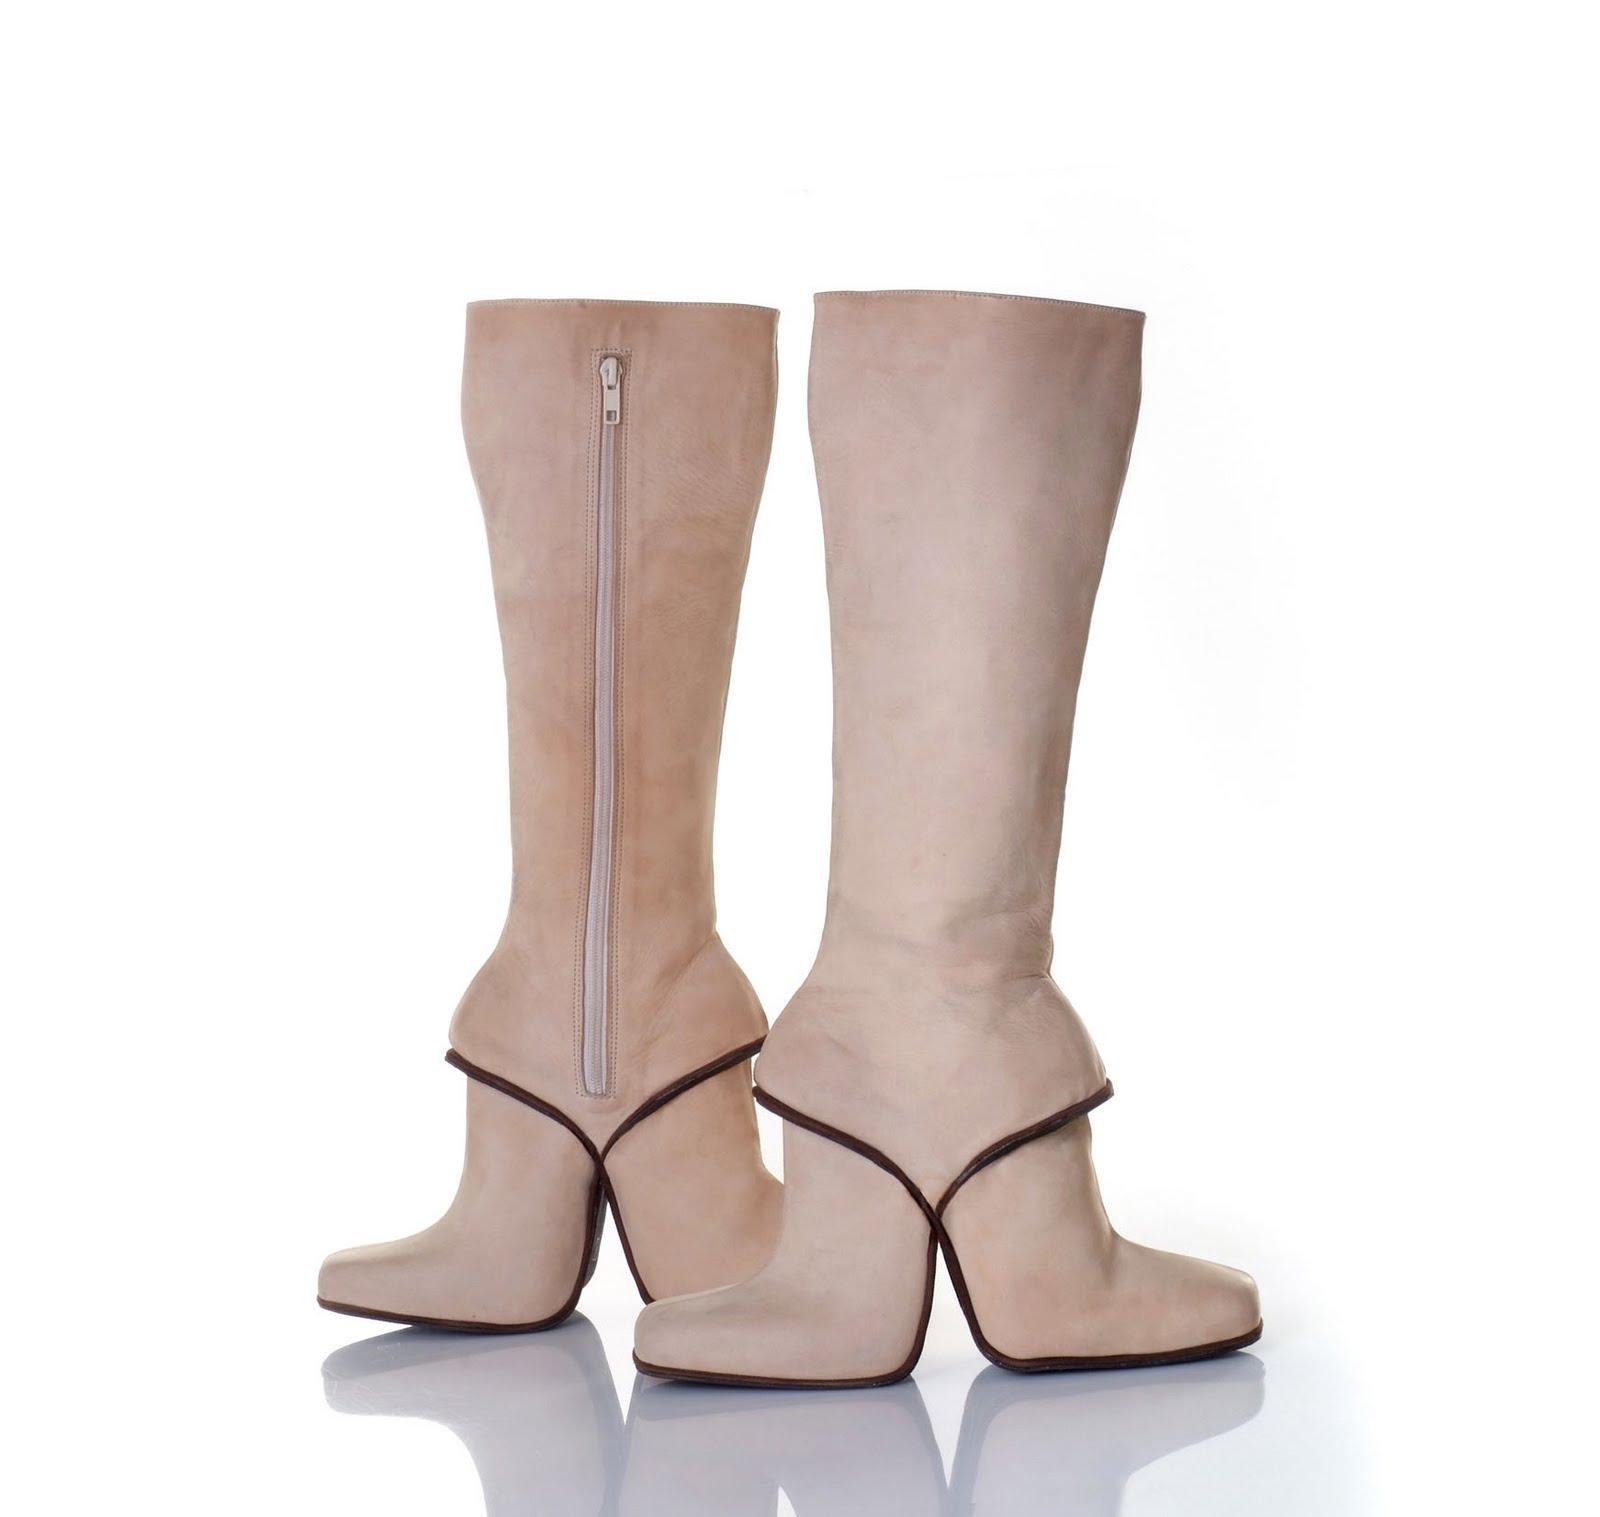 подберём обувь к сумке фото, г.Архангельск бутики женской одежды и обуви.